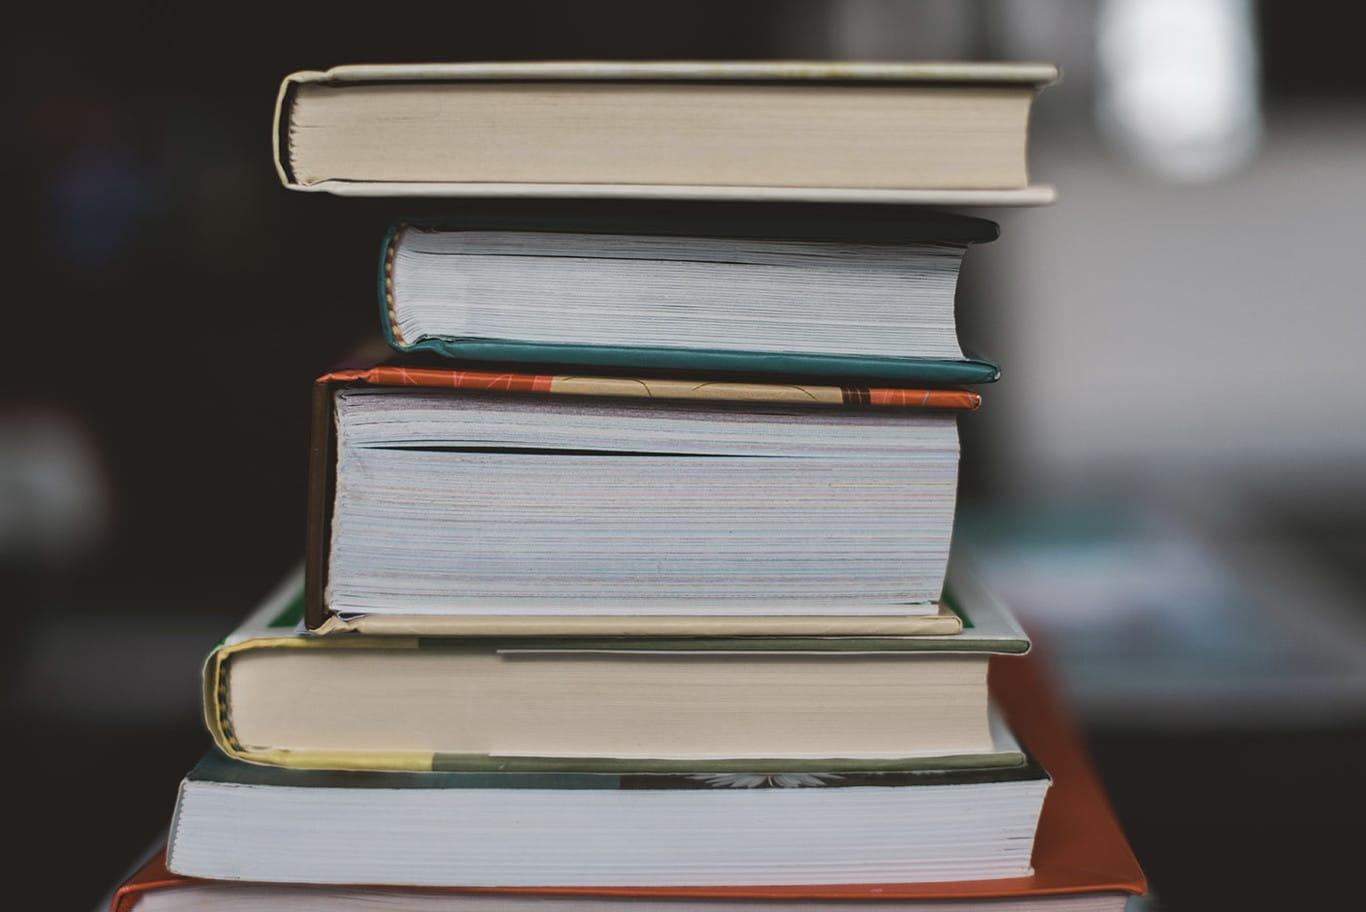 Springer ha habilitado la descarga gratuita de casi 500 libros que suelen costar hasta 100 euros, incluyendo 50 sobre programación